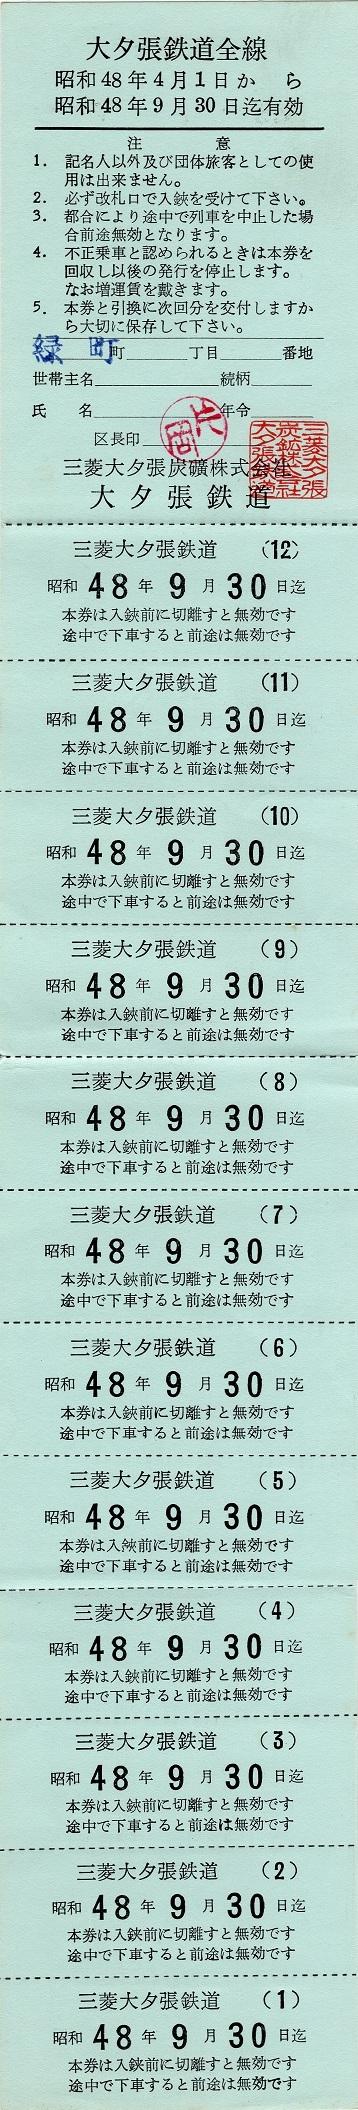 三菱大夕張鉄道 社内乗車券